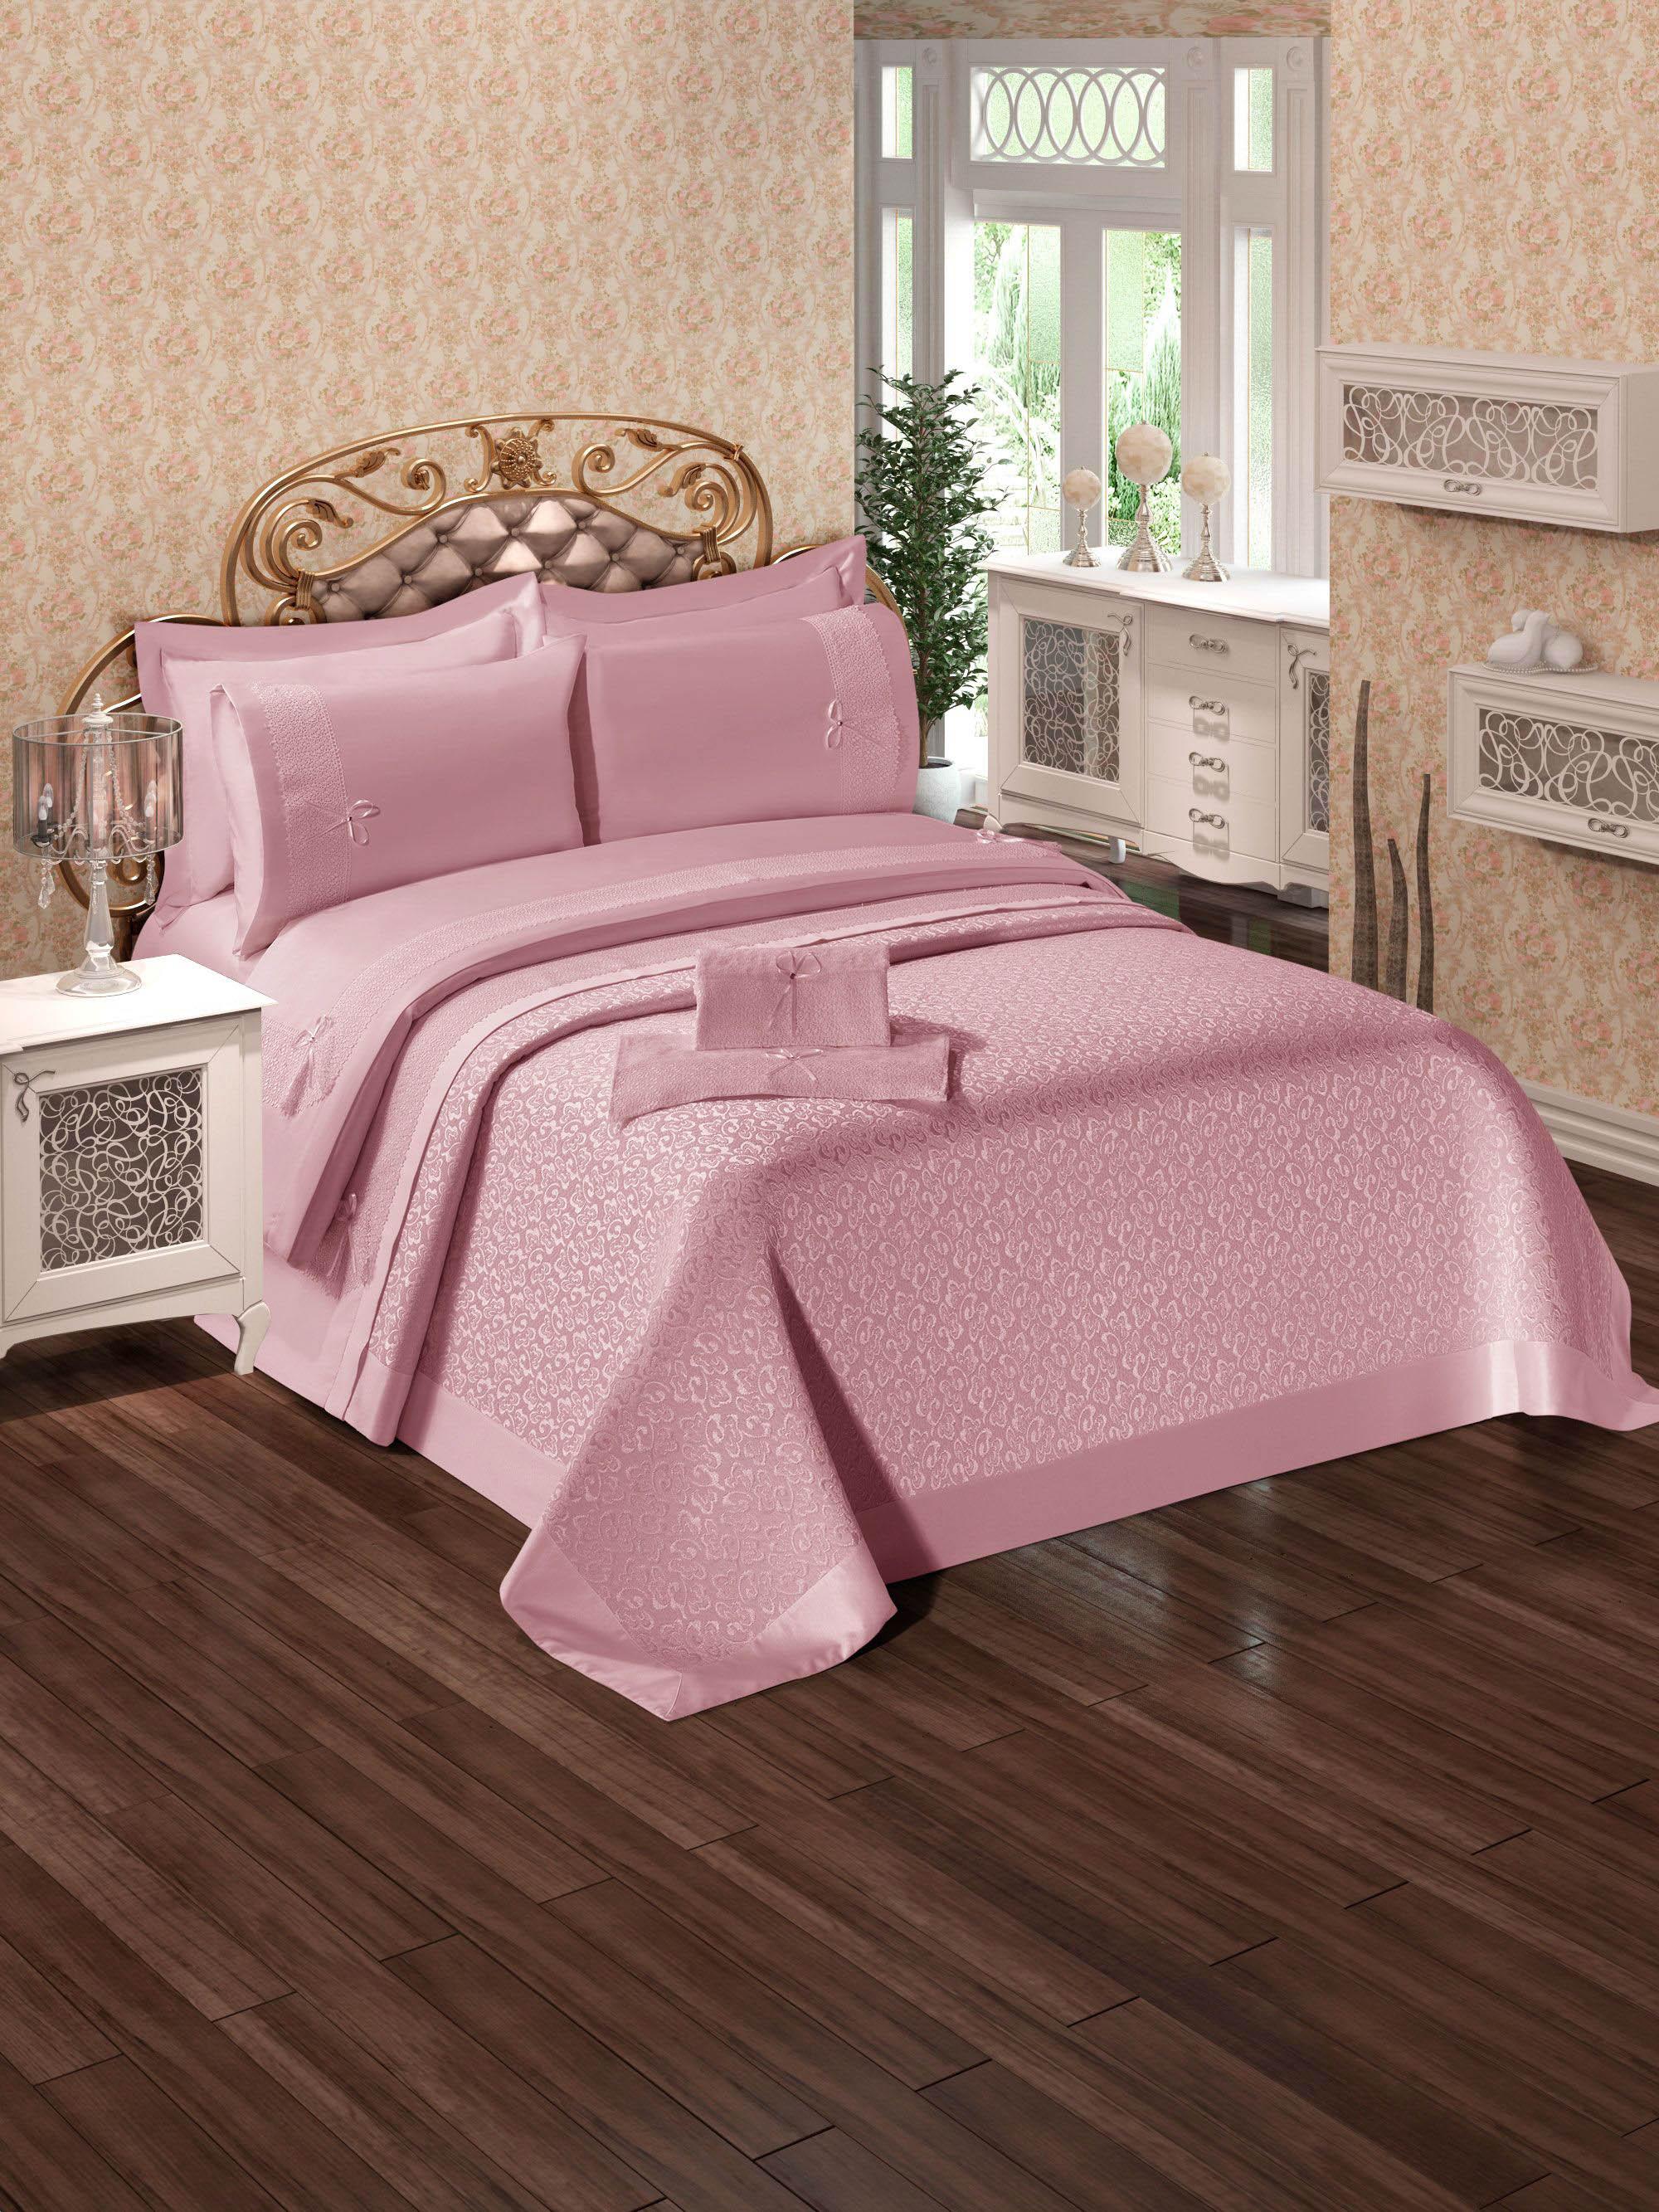 Купить Комплекты постельного белья DO'n'CO, Постельное белье Ipek Цвет: Пудра (2 сп. евро), Турция, Розовый, Хлопковый сатин